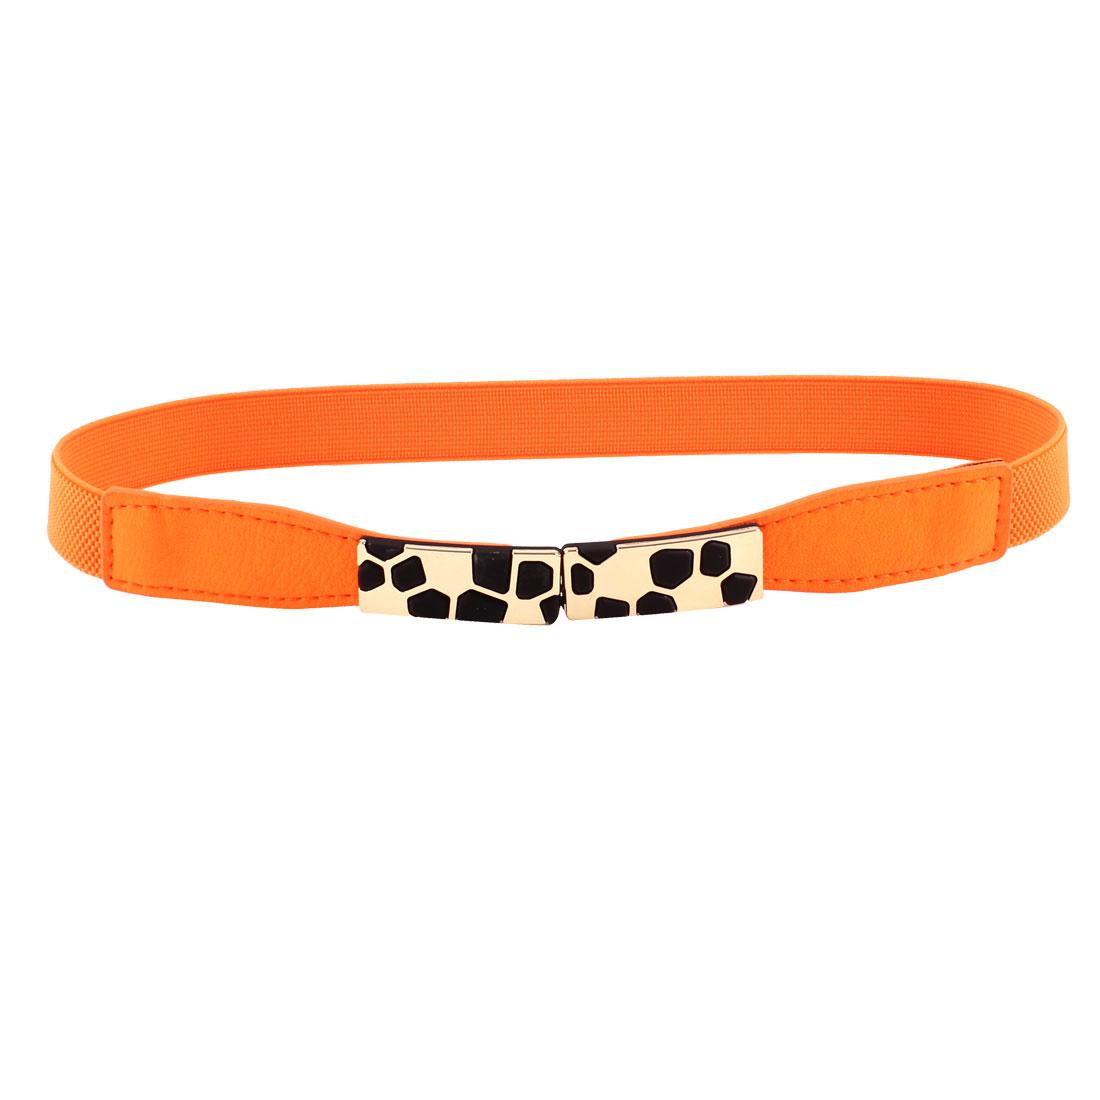 Block Design Metal Interlocking Buckle Stretchy Waist Belt Orange for Ladies